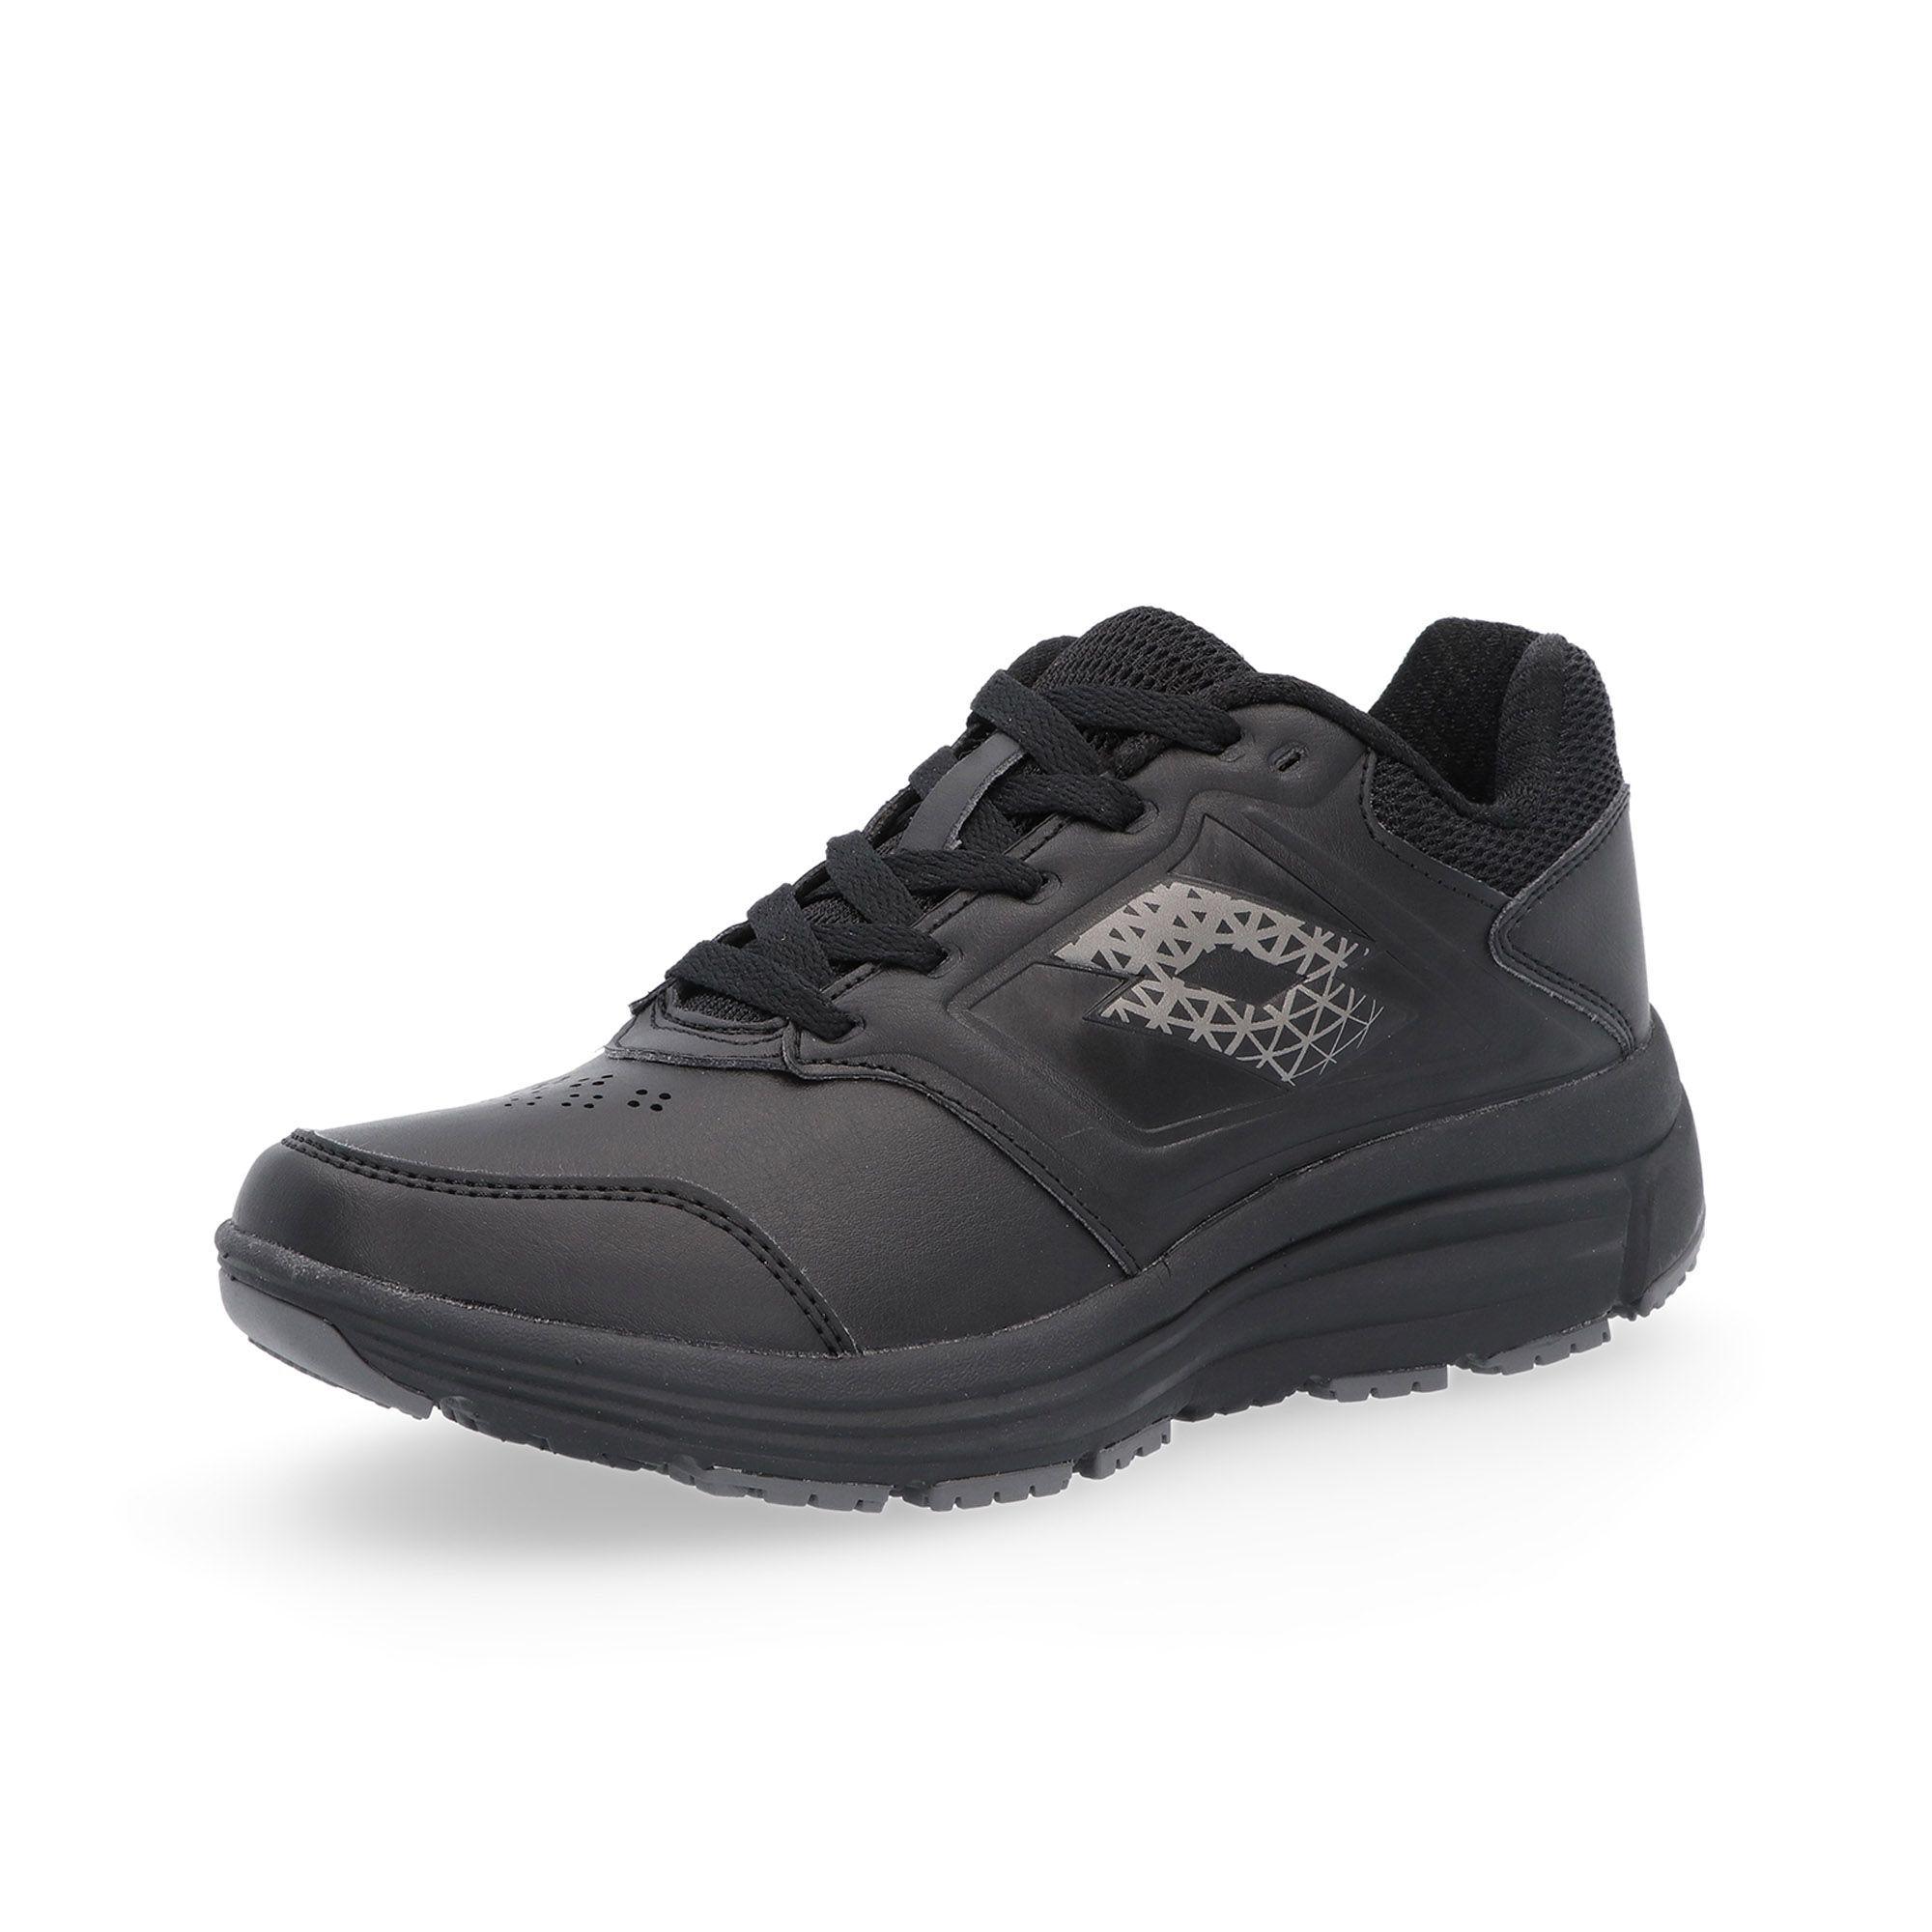 lotto sneaker love ride con soletta adapto memory foam